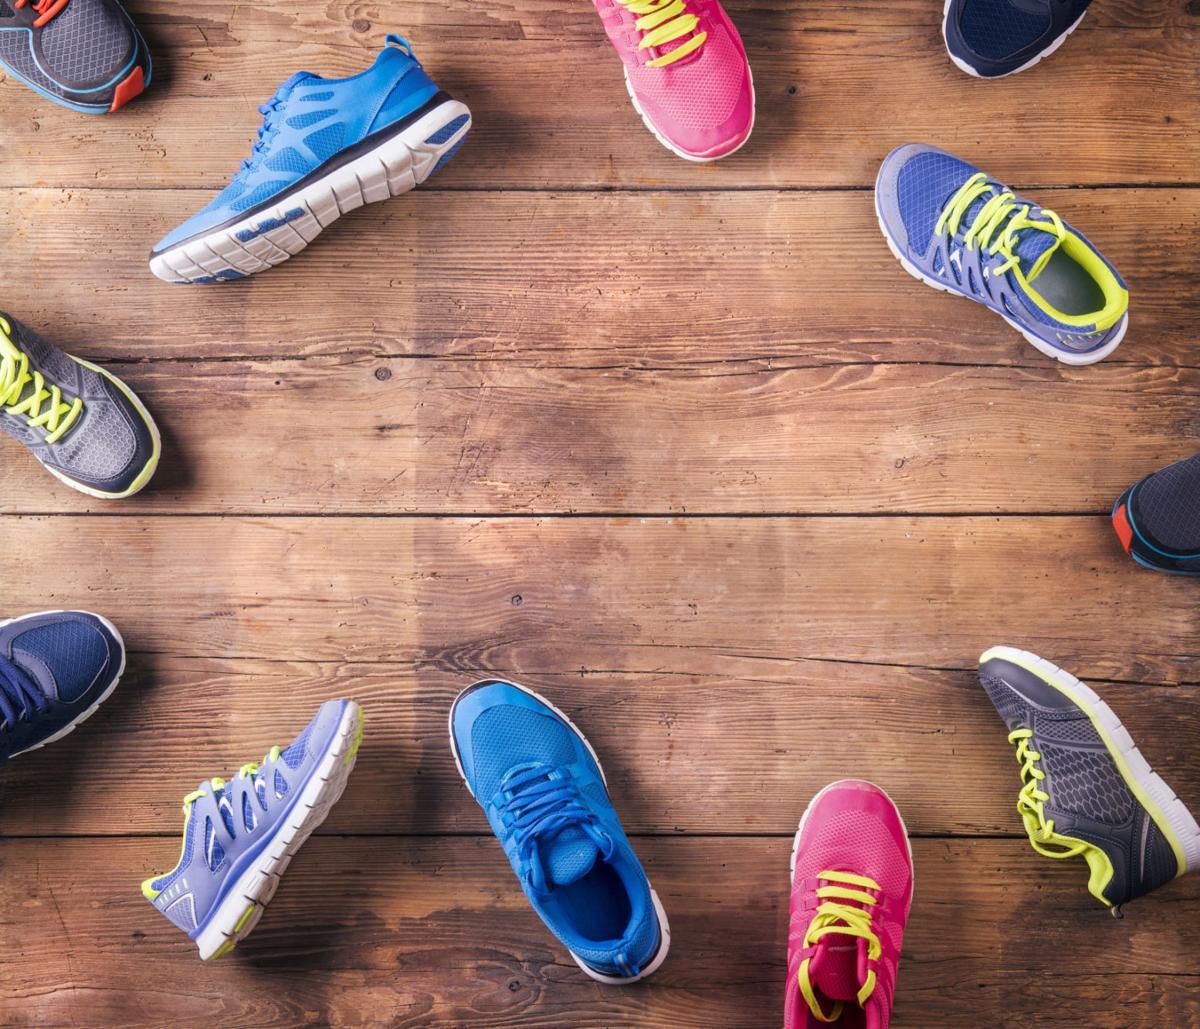 shoe stockimage